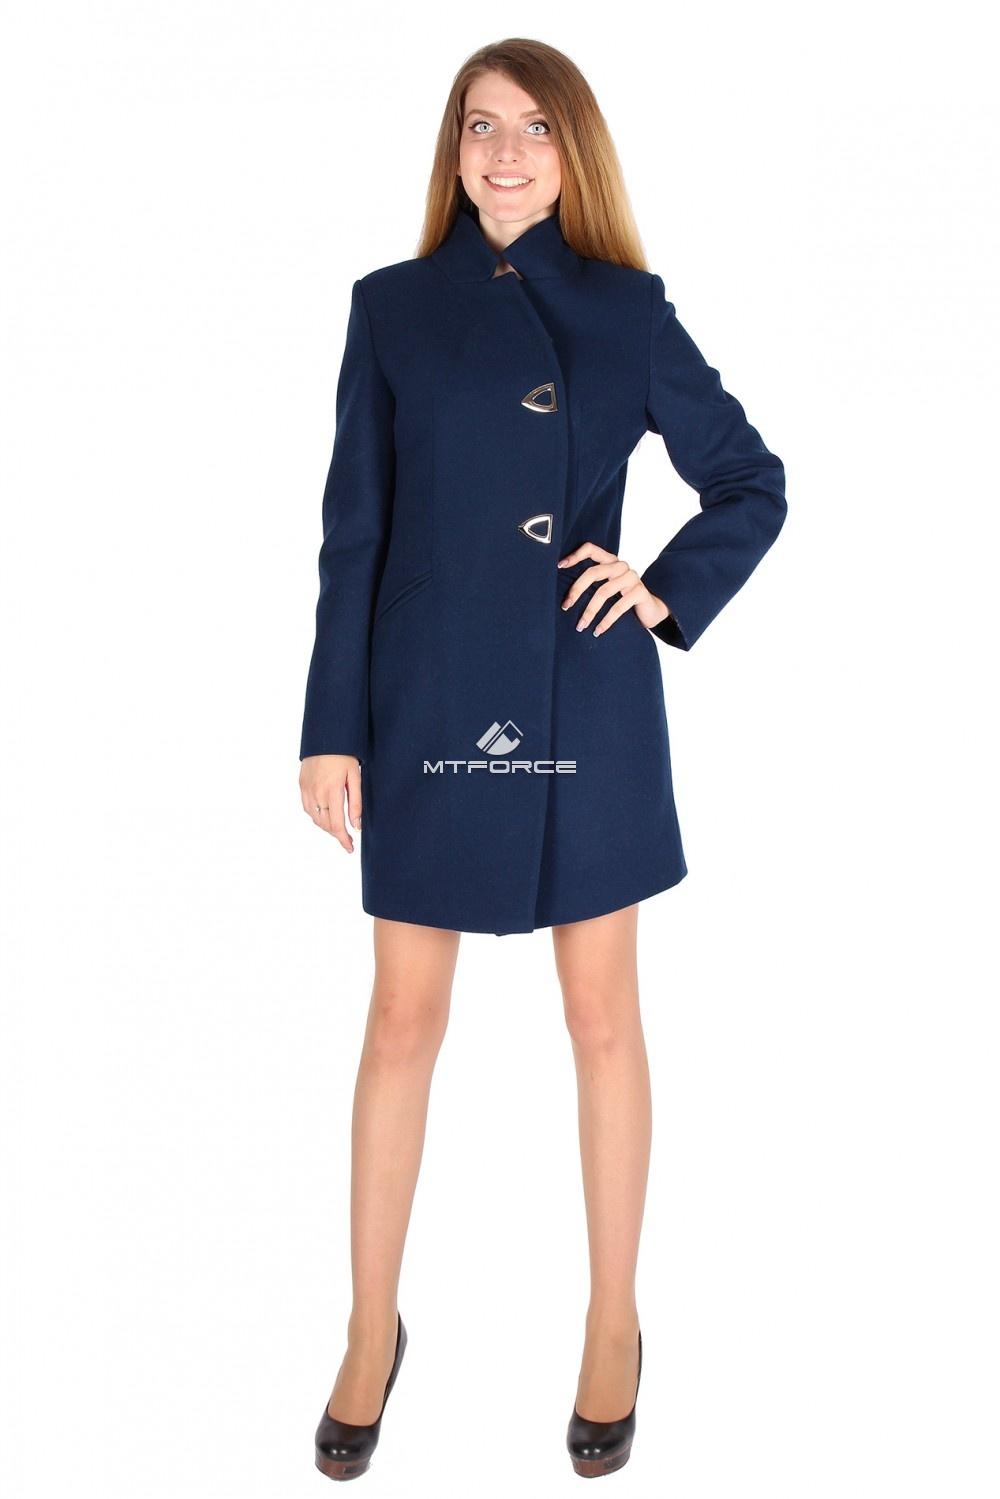 Купить                                  оптом Пальто женское темно-синего цвета 16269TS в Санкт-Петербурге